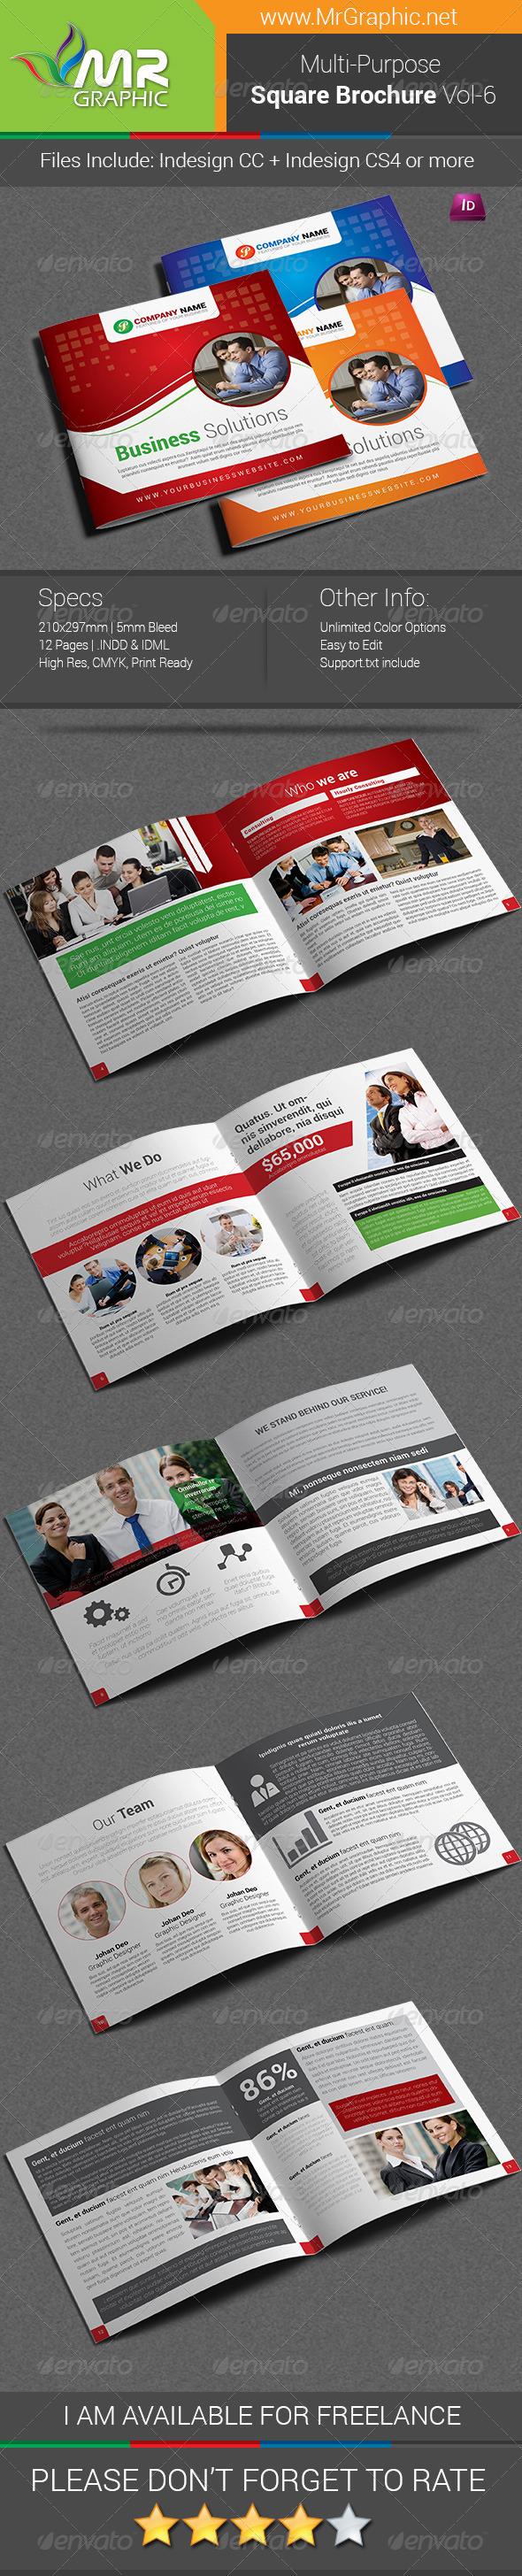 GraphicRiver Multipurpose Square Brochure Template Vol-06 6803567